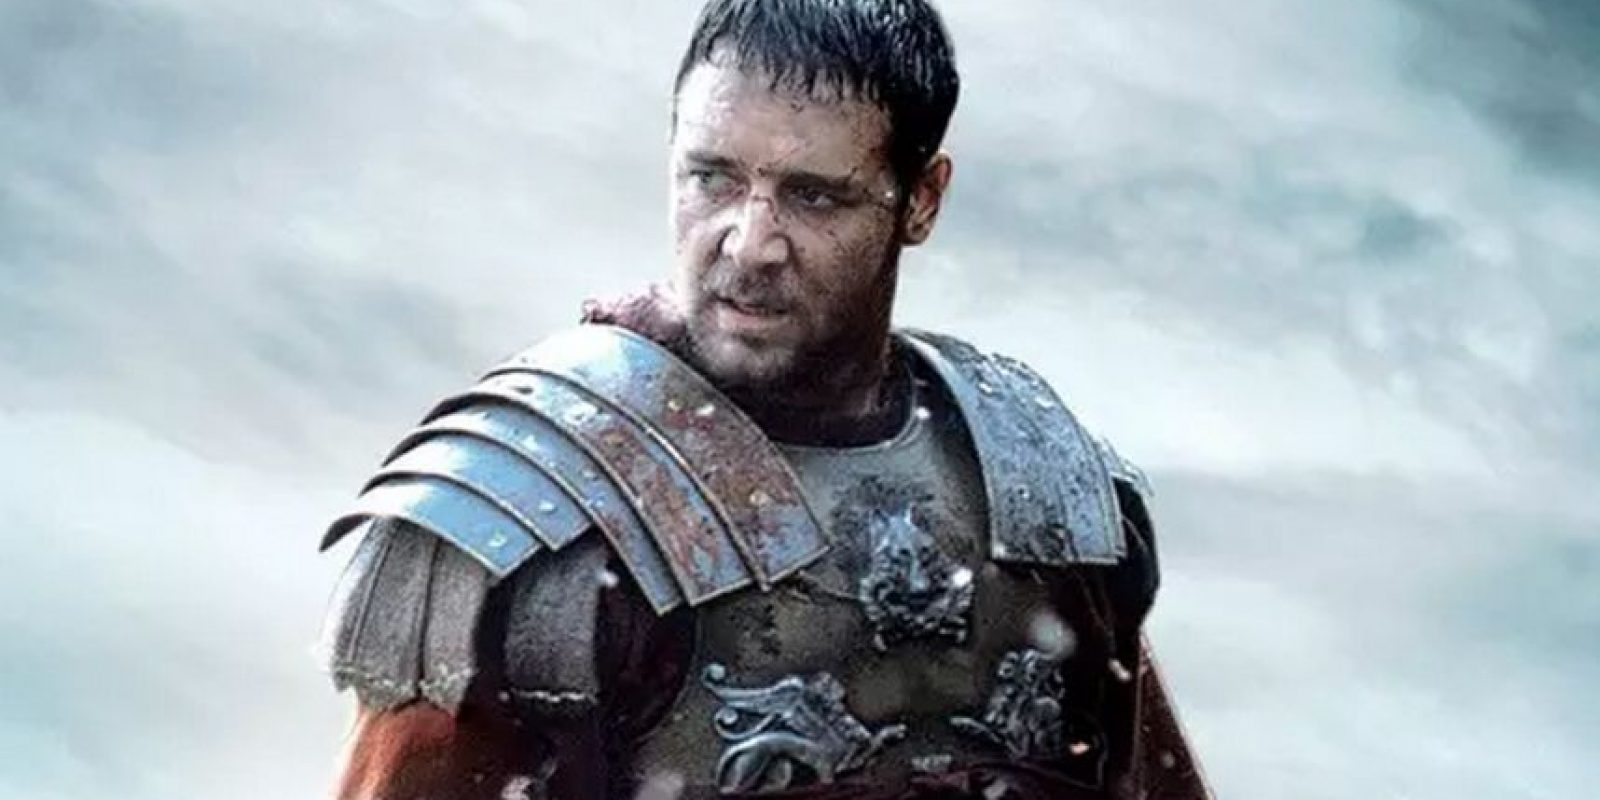 """""""Gladiator"""" es una película épica del género péplum estrenada en el año 2000. Ganó cinco Óscar en la 73º edición de la Academia estadounidense entre los que se destaca el de mejor película y mejor actor. Foto:Scott Free Productions"""